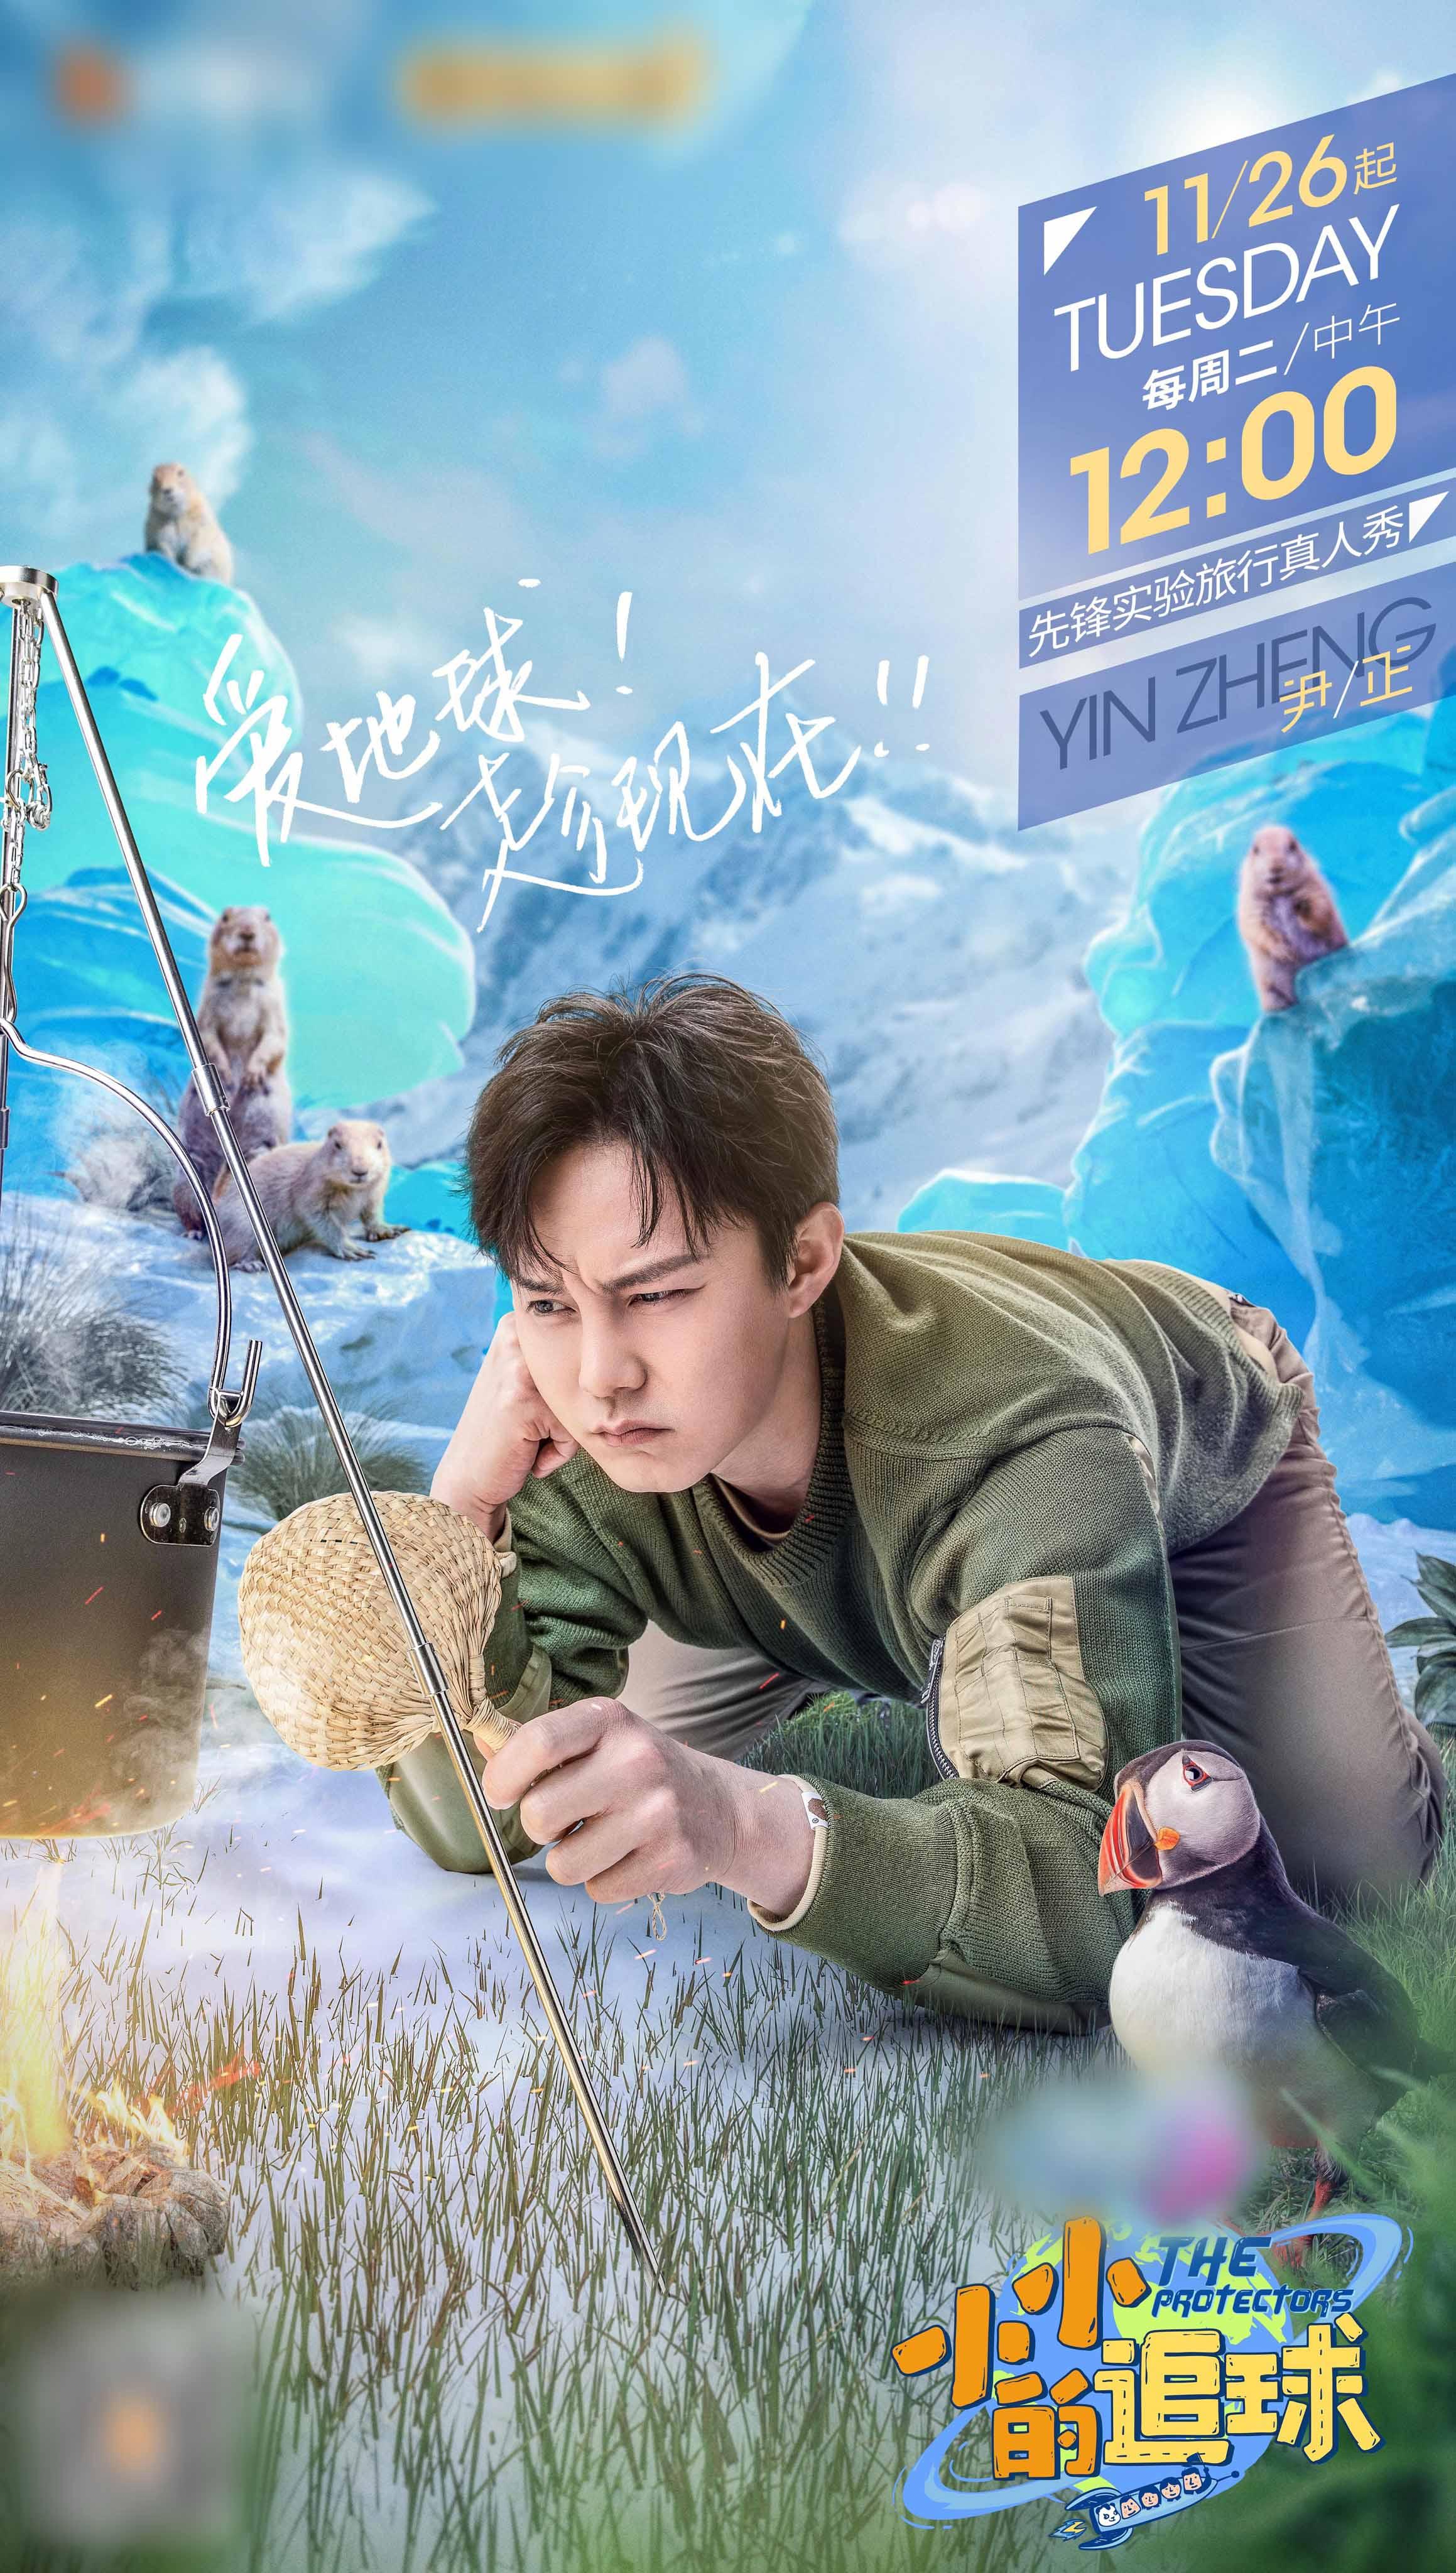 尹正新综艺《小小的追球》官宣 个人宣传片质感十足引期待